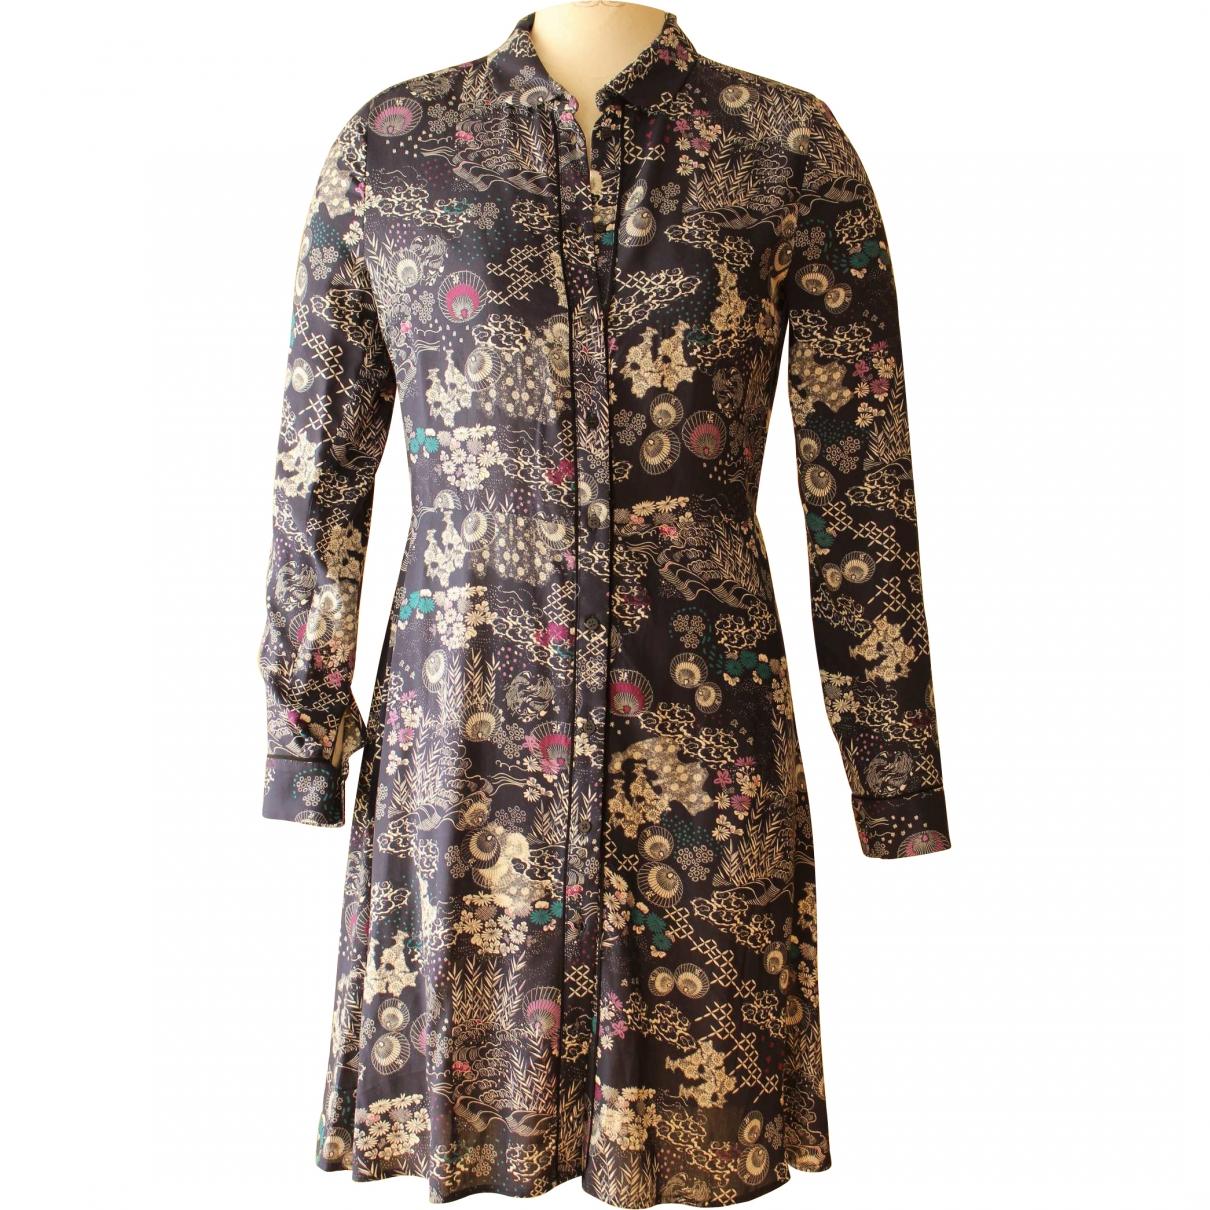 Zapa \N Blue dress for Women 38 FR